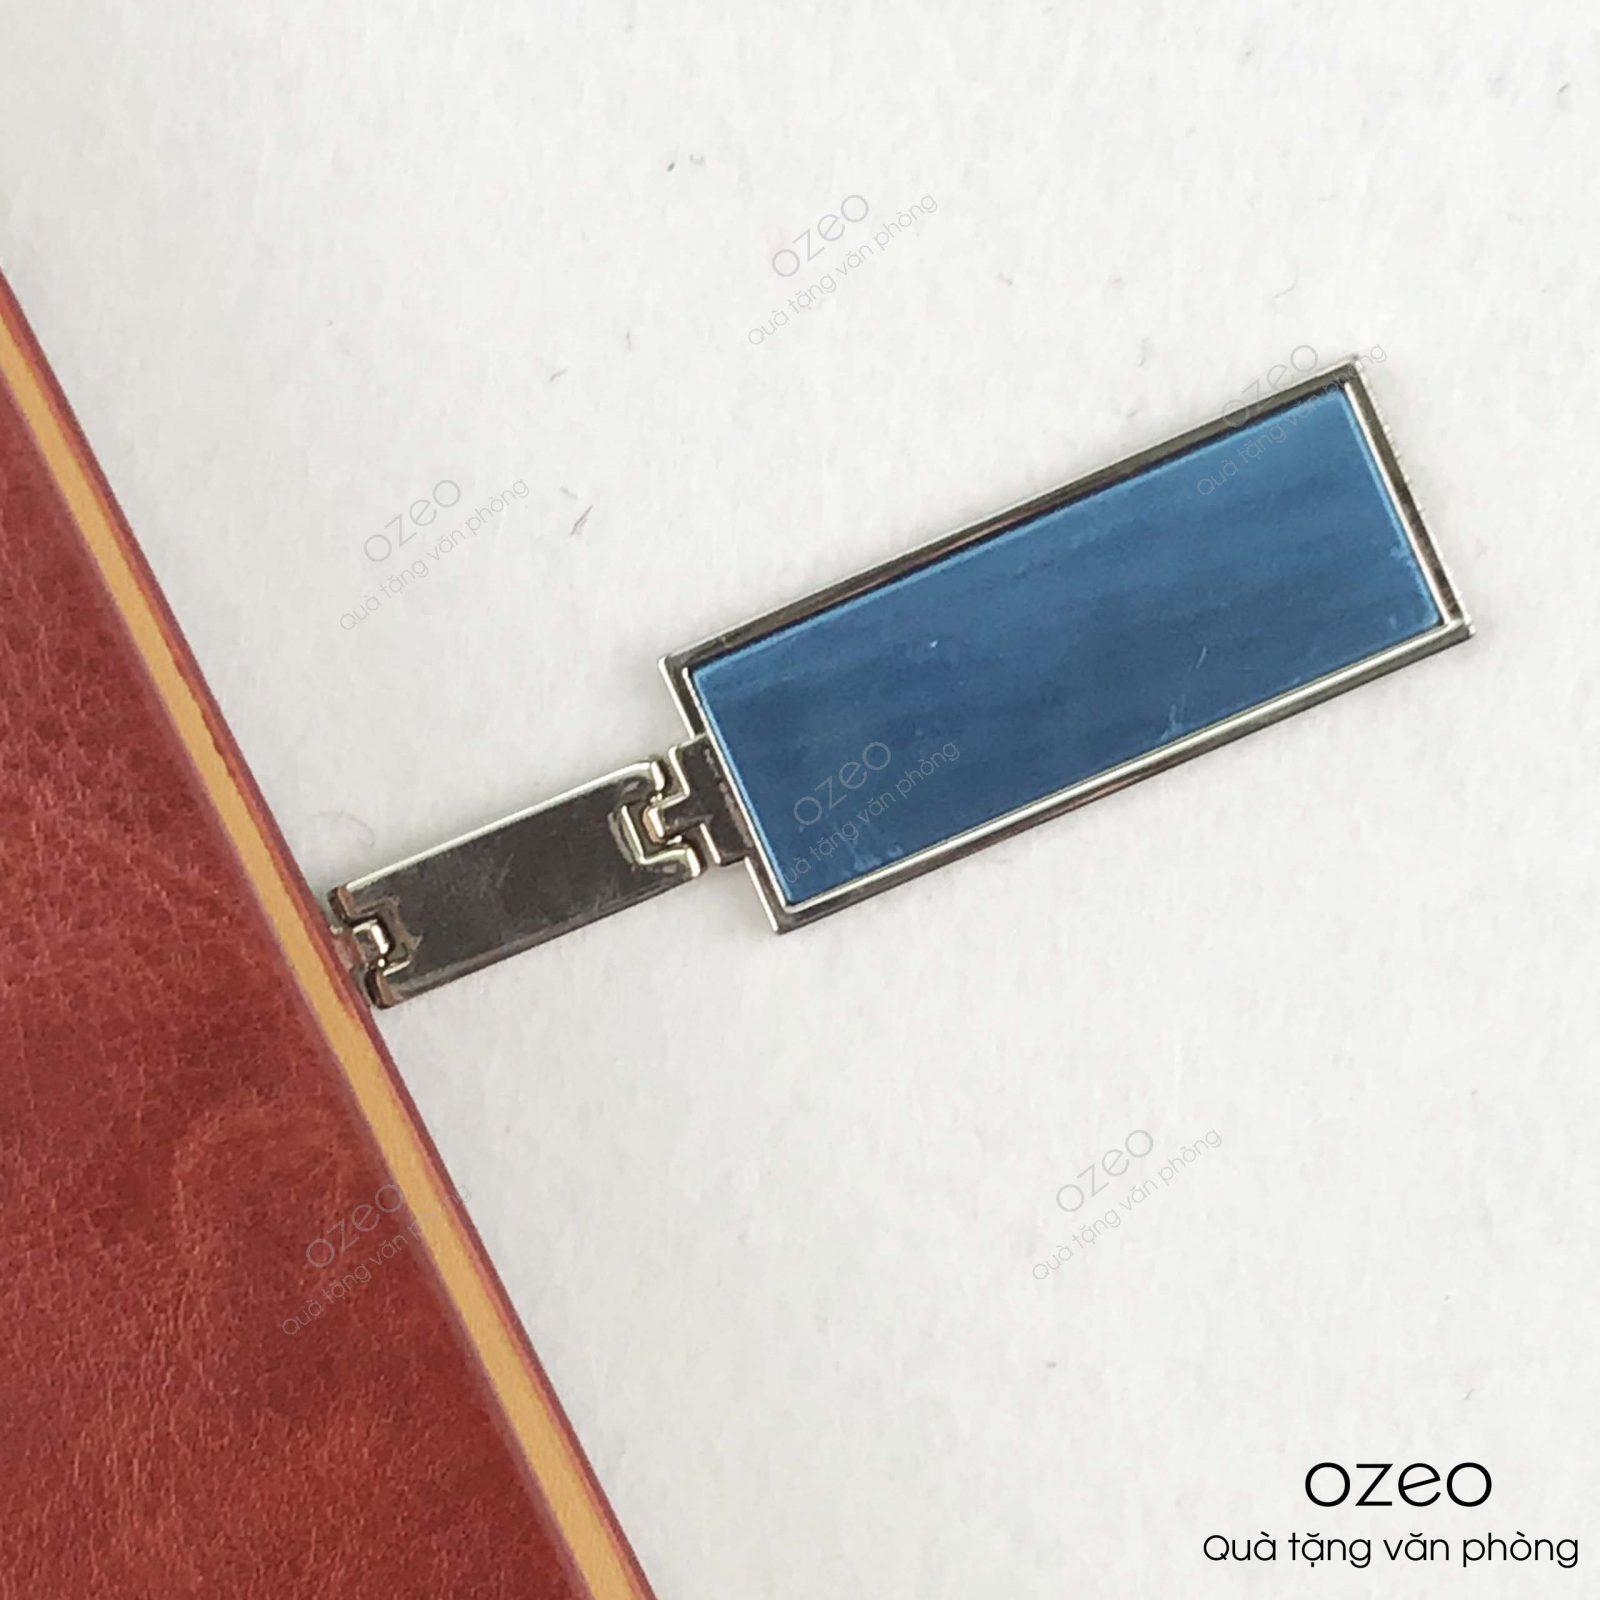 Phần khóa vuông nam chân hít của sổ tay bìa còng màu nâu KVA5 - 01N